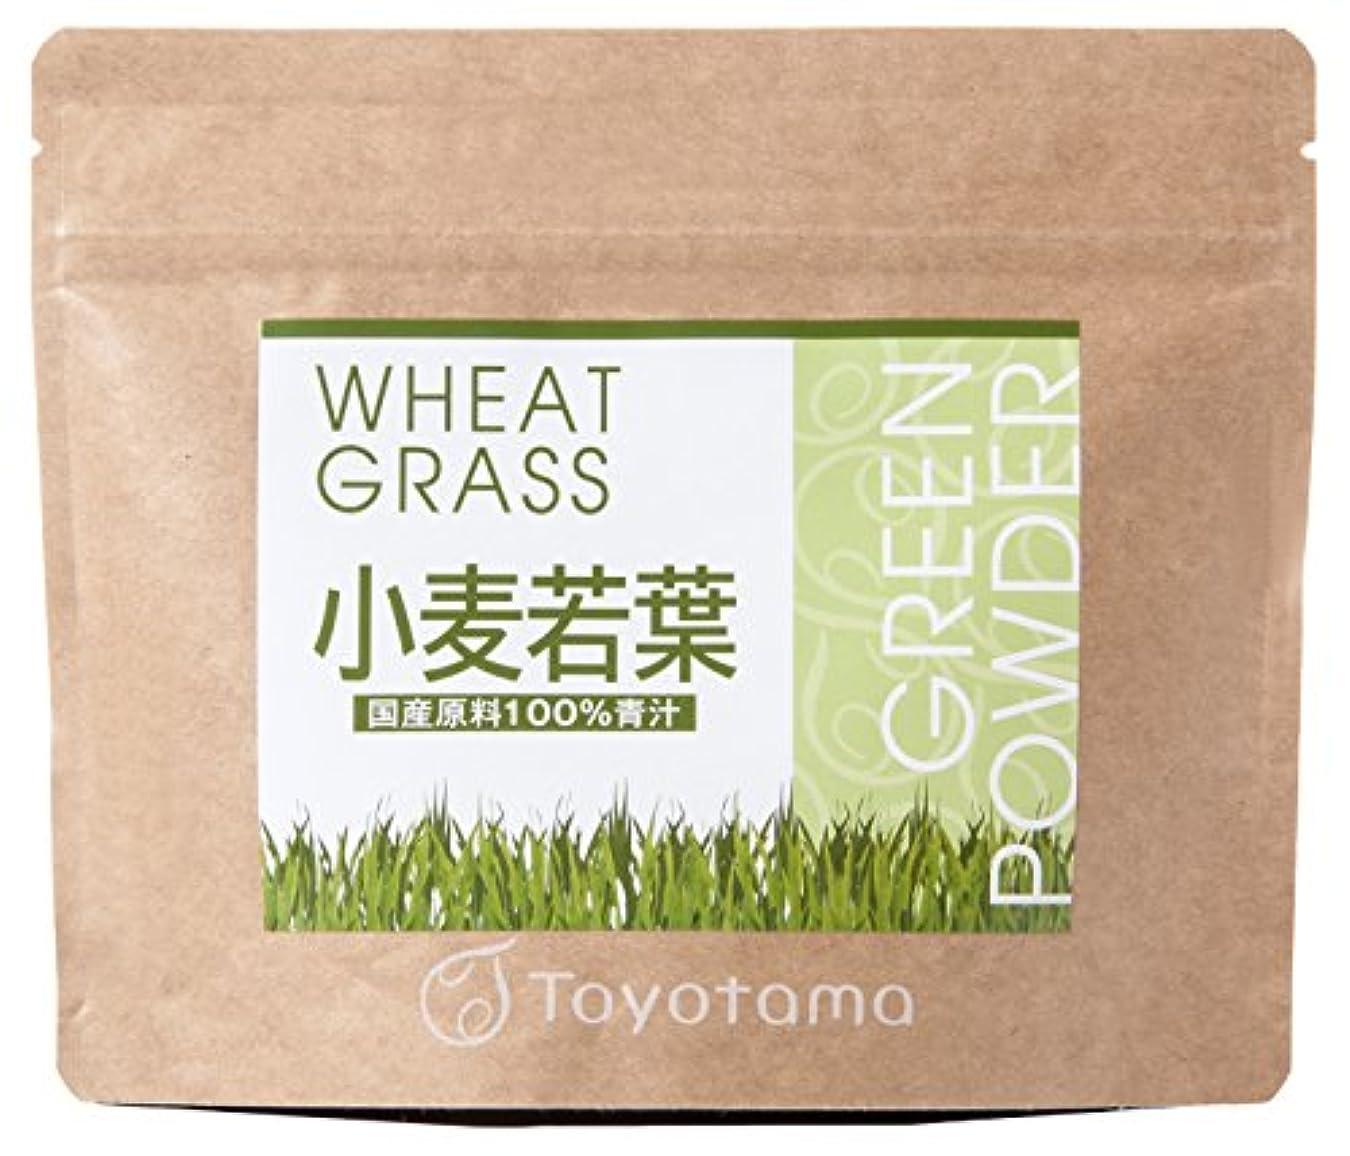 言語自我救急車トヨタマ(TOYOTAMA) 国産小麦若葉100%青汁 90g (約30回分) 無添加 ピュアパウダー 1096314